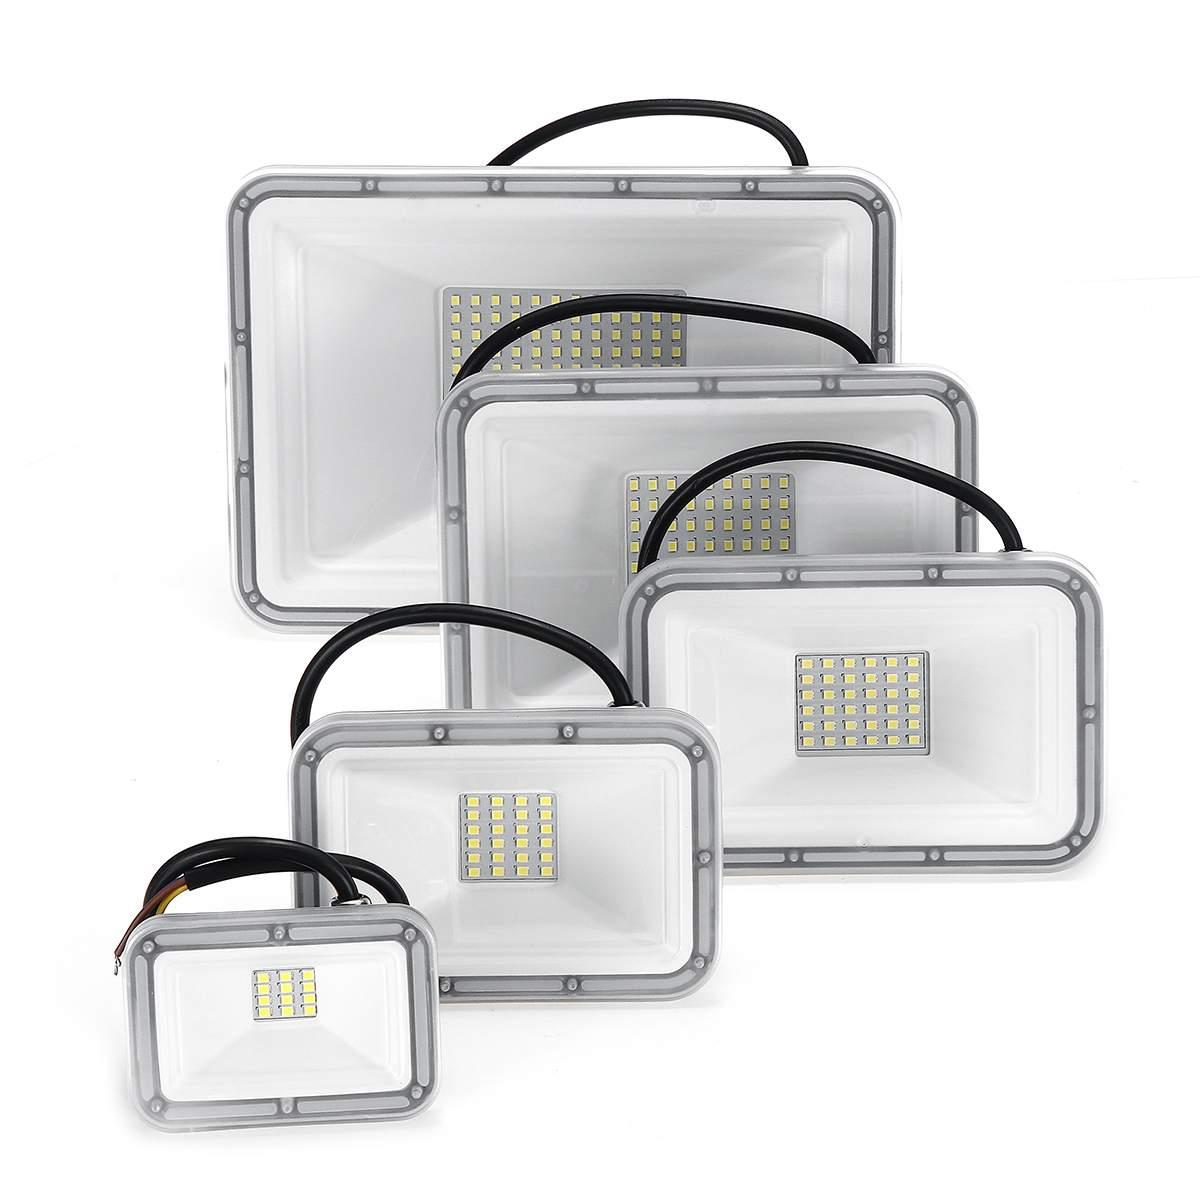 Ultra Thin Led Flood Light Spotlight Outdoor 220V IP67 Outdoor Wall Lamp LED Floodlight 10W 20W 30W 50W 100W|Floodlights| |  - title=